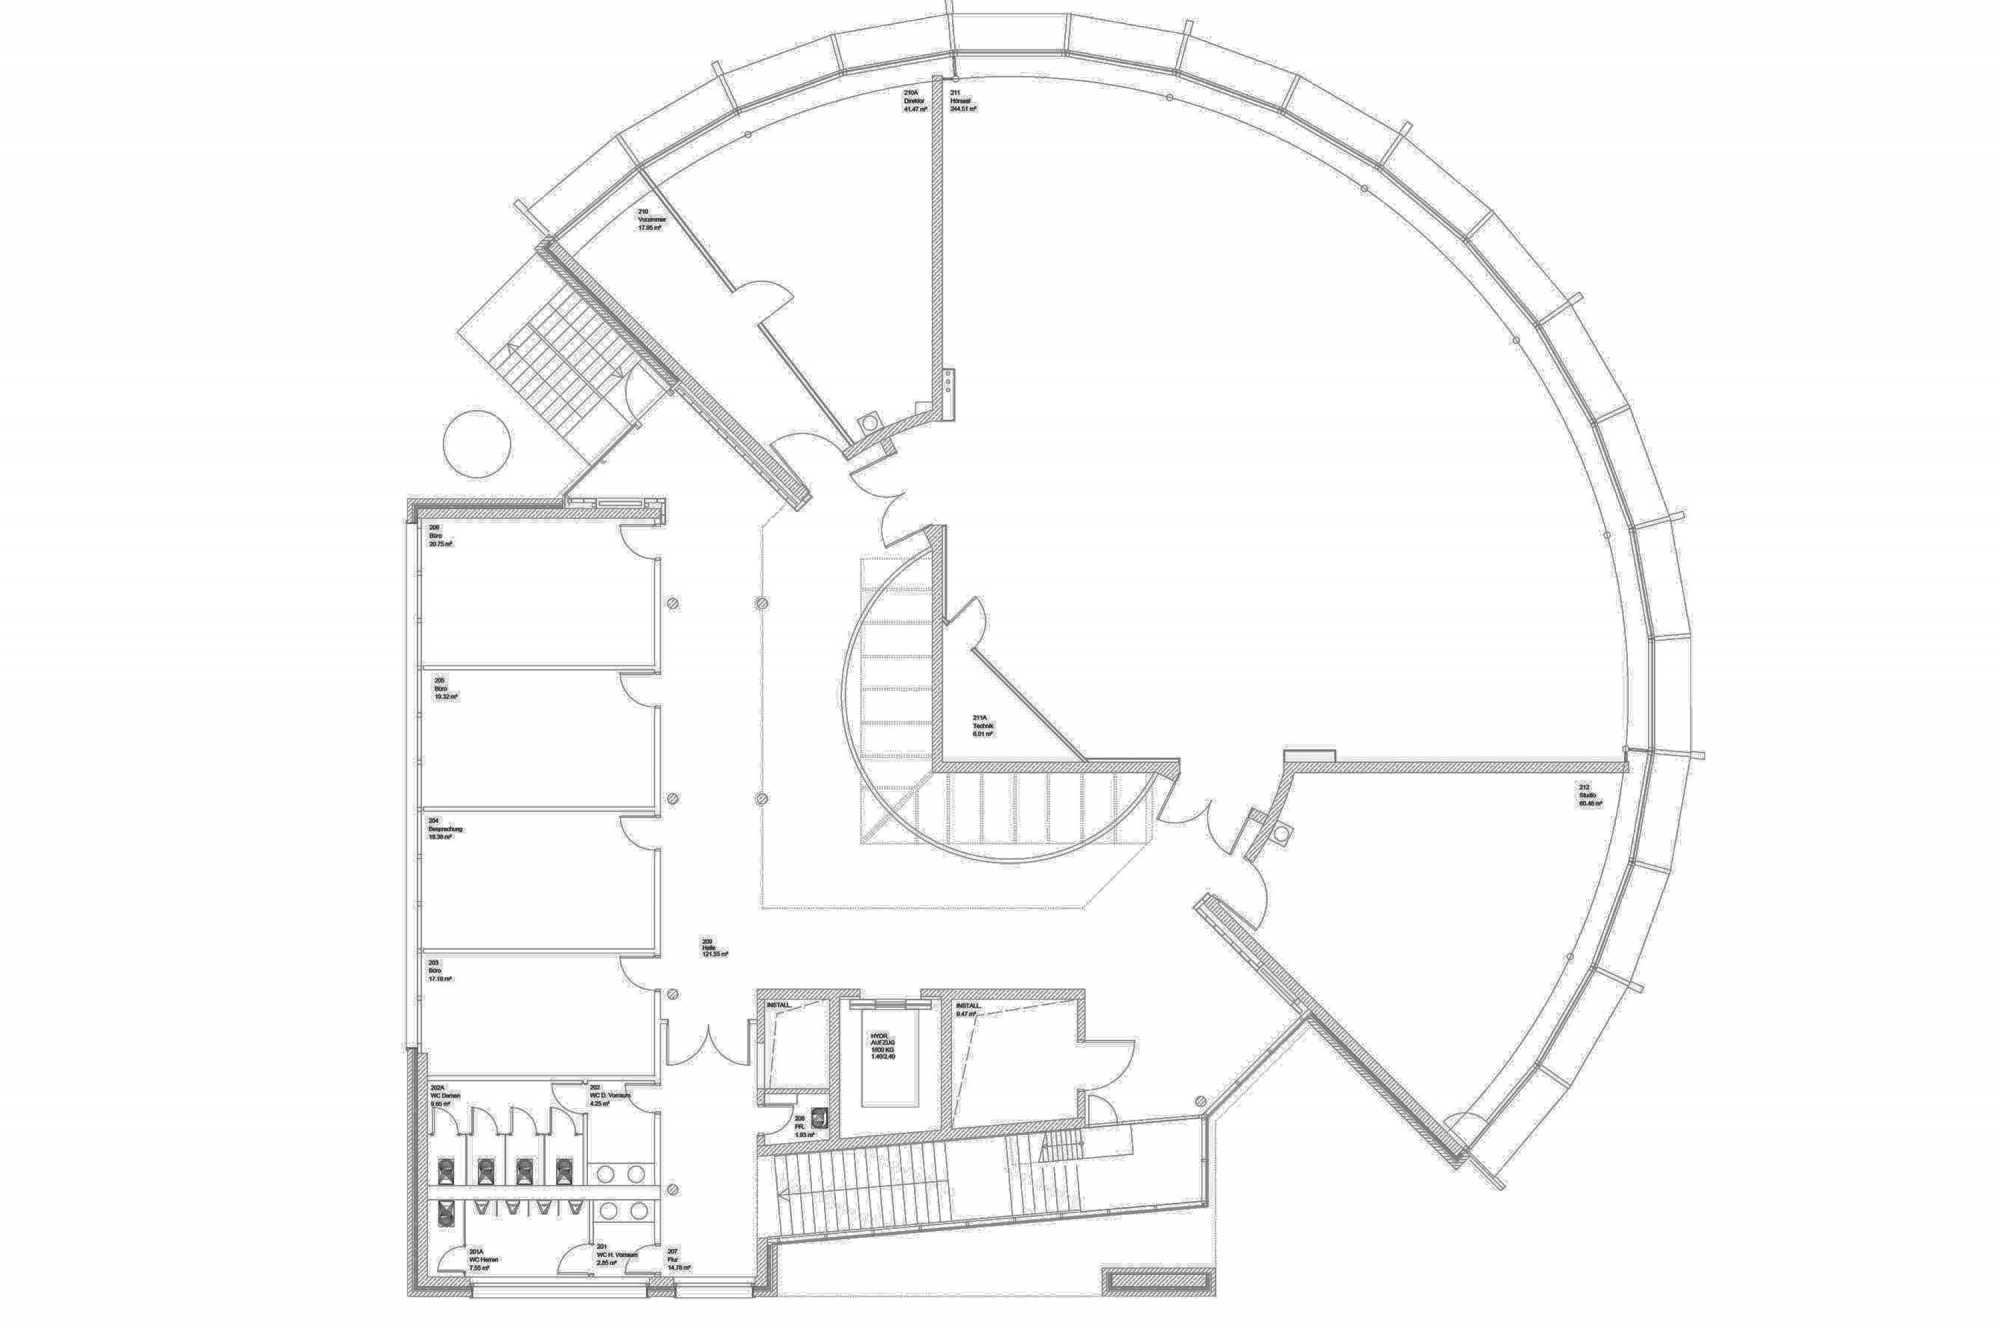 Pünktlich zum Semesterbeginn wurde die Sanierung Hörsaal fertig gestellt ({project_images:field_row_count})